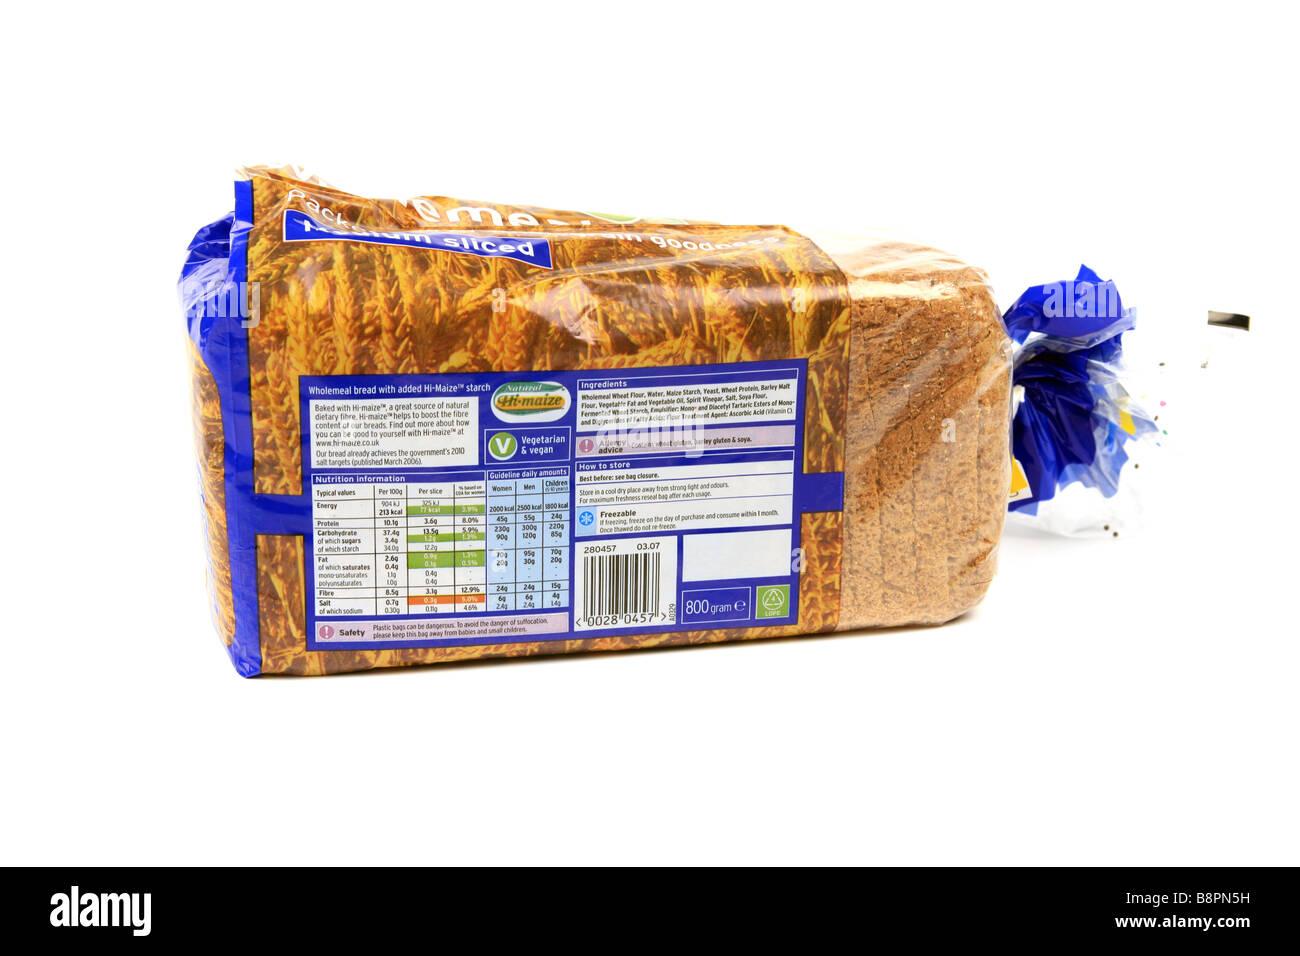 L'étiquette des aliments sur l'emballage d'une miche de pain complet marron Photo Stock